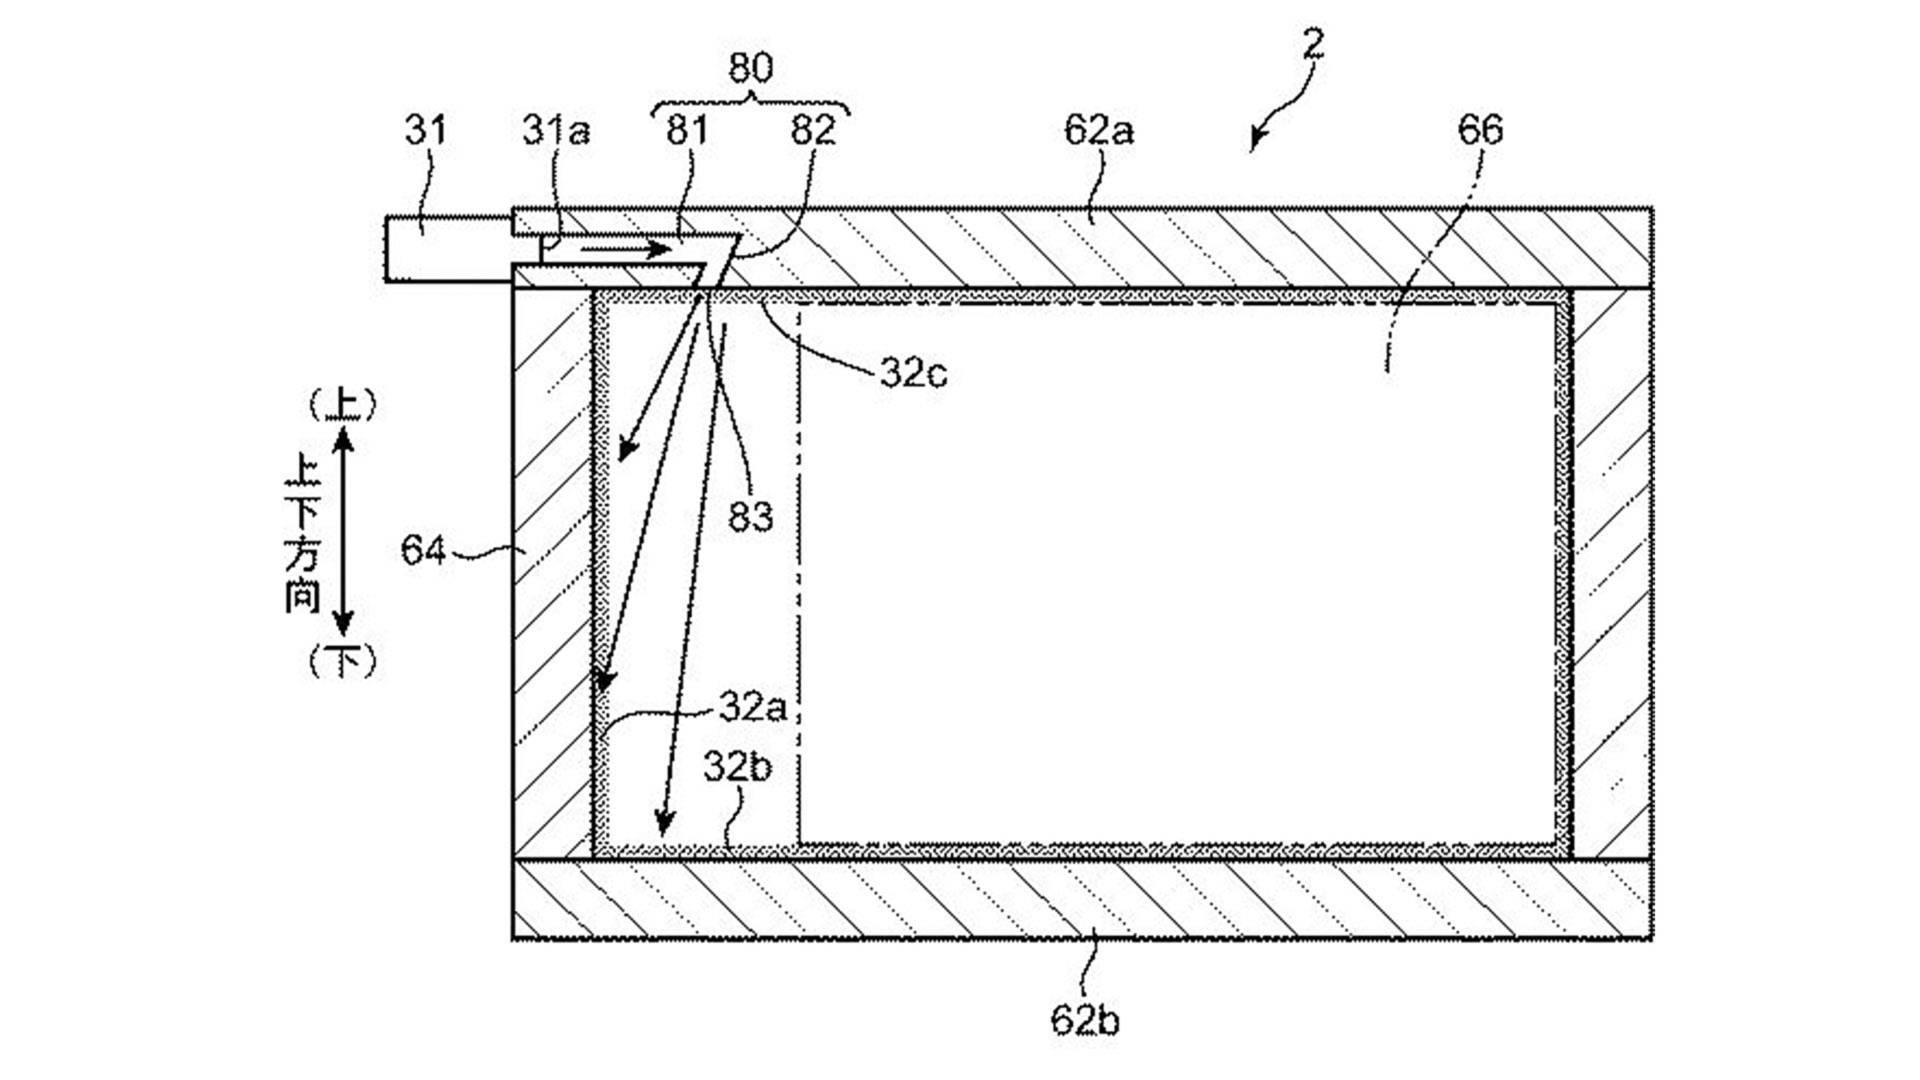 mazda-rotary-engine-patent (2)